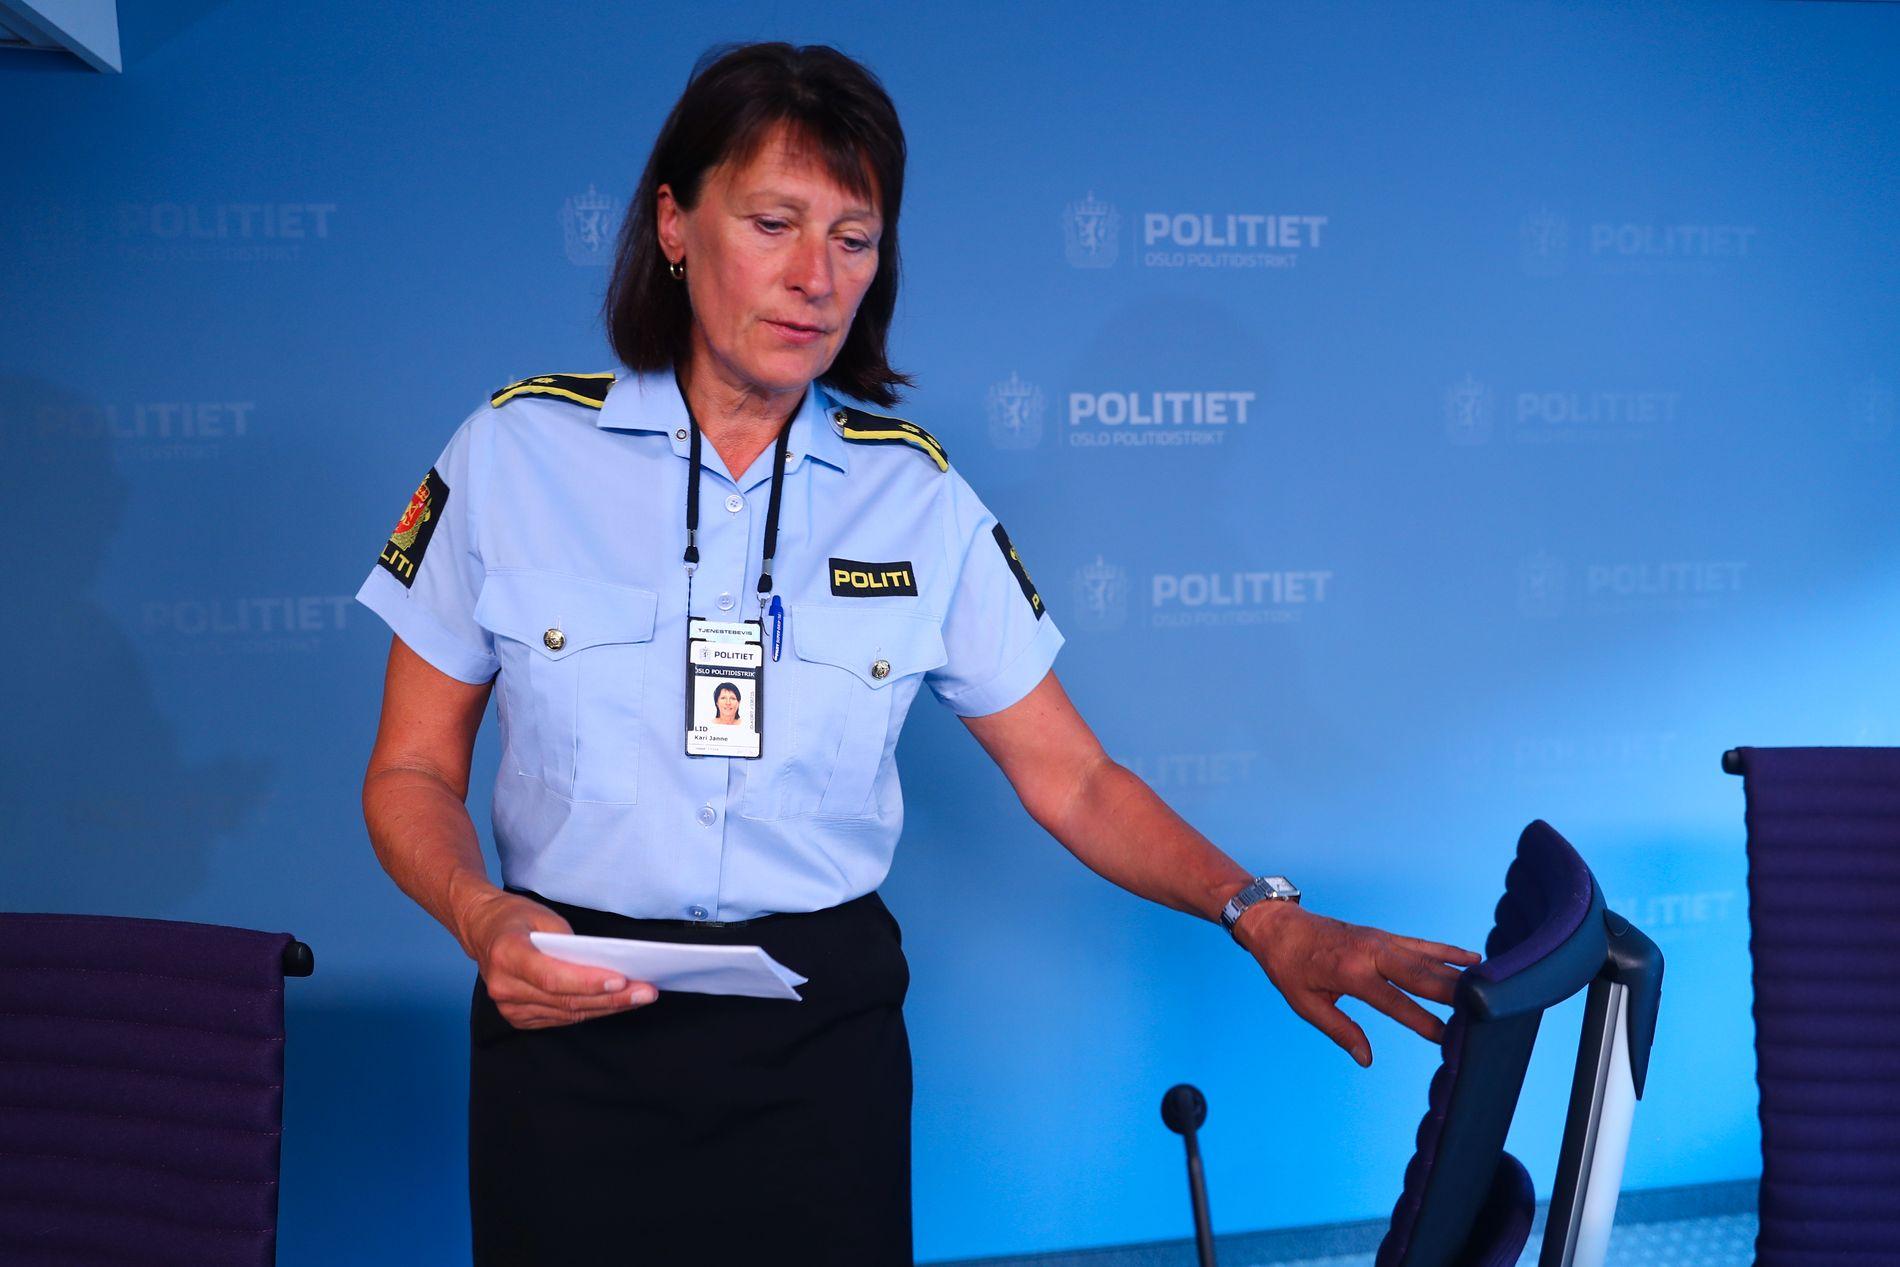 INFORMERTE PRESSEN: Leder Kari-Janne Lid ved seksjons for sedelighet i Oslo politidistrikt.